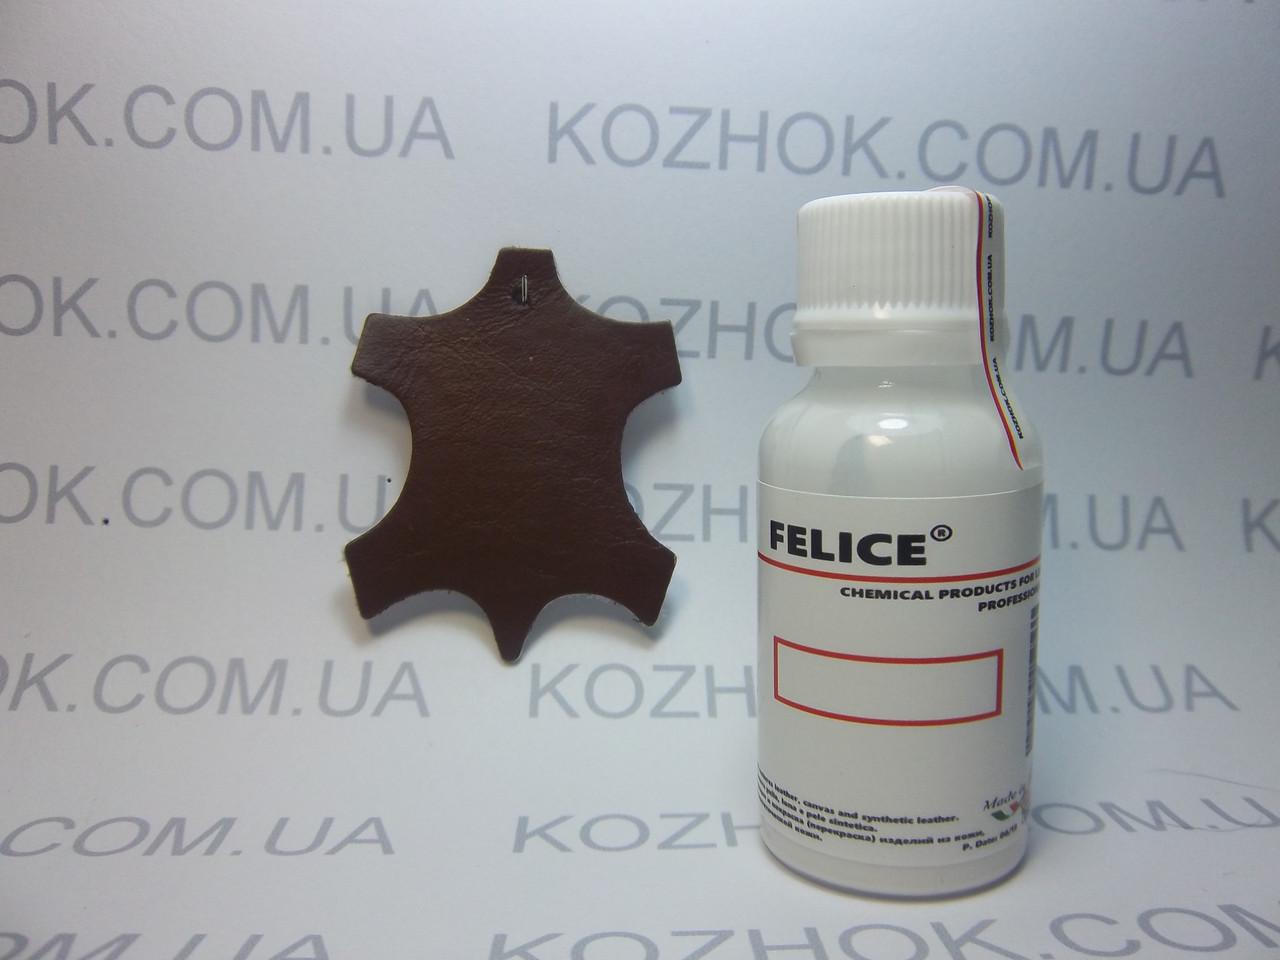 Краска для кожи Felice цв.Коричневый (25 мл)Для обуви,гладкой кожи, кожгалантереи, кожаной мебели, кожаного са